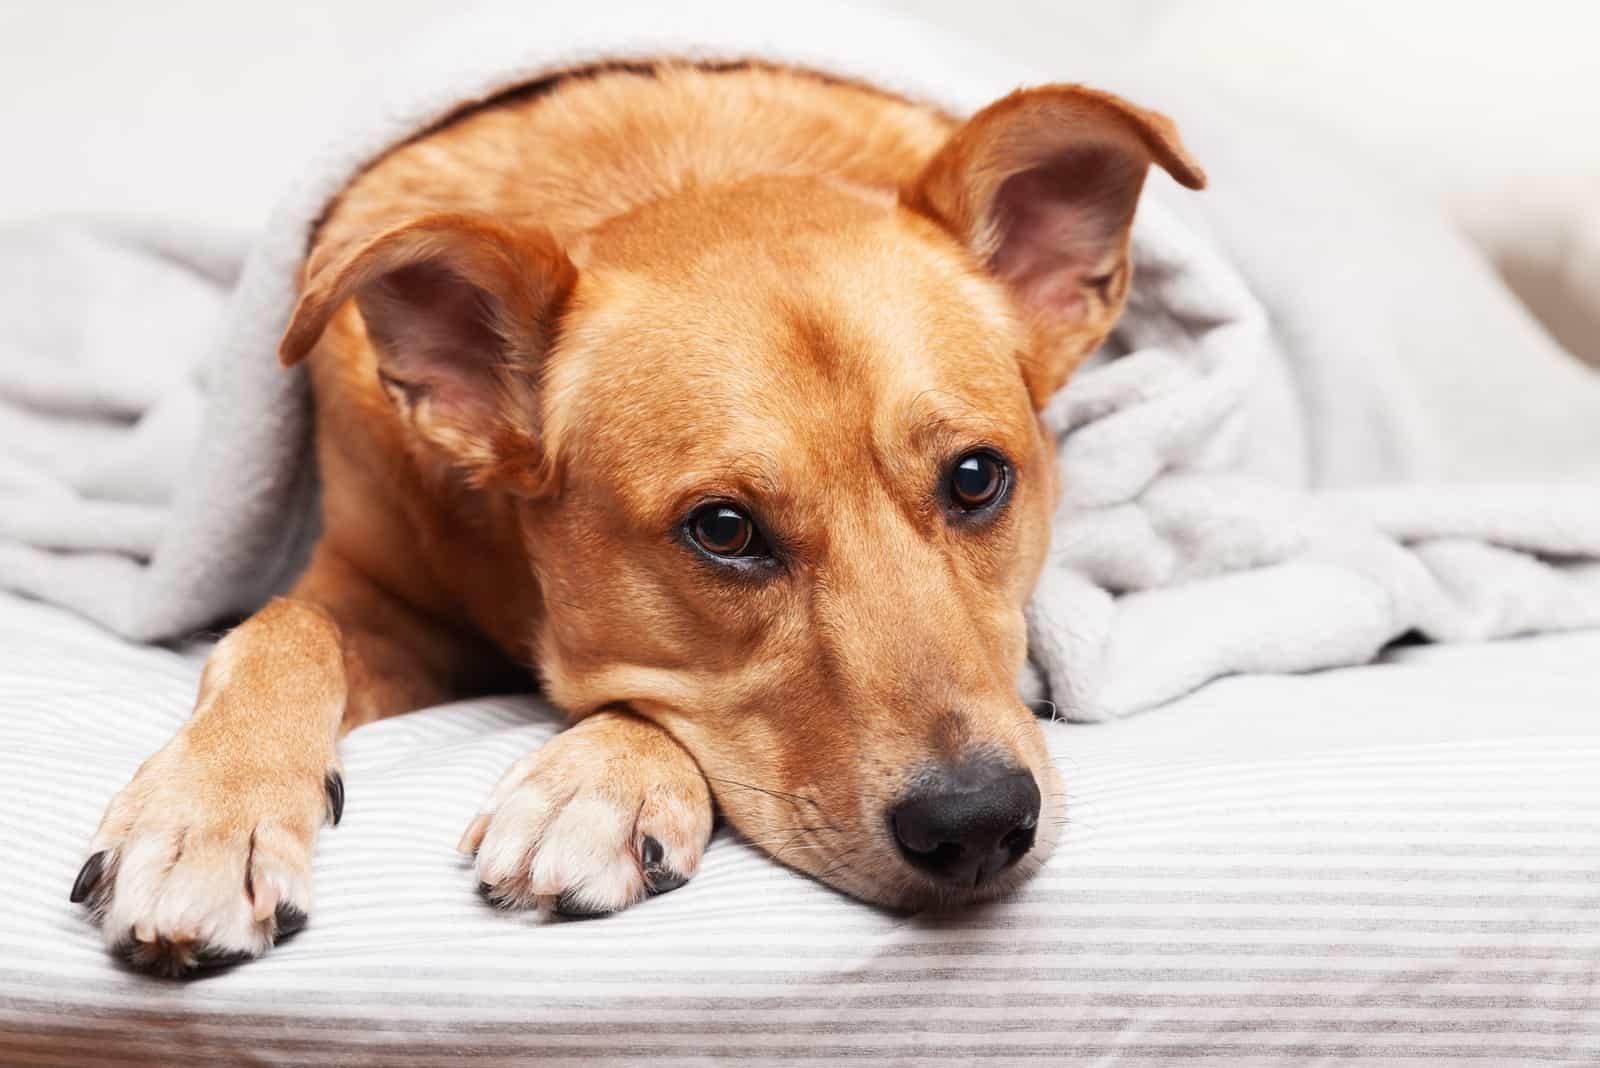 Ingwer Mischlingshund auf hellgrauem Plaid